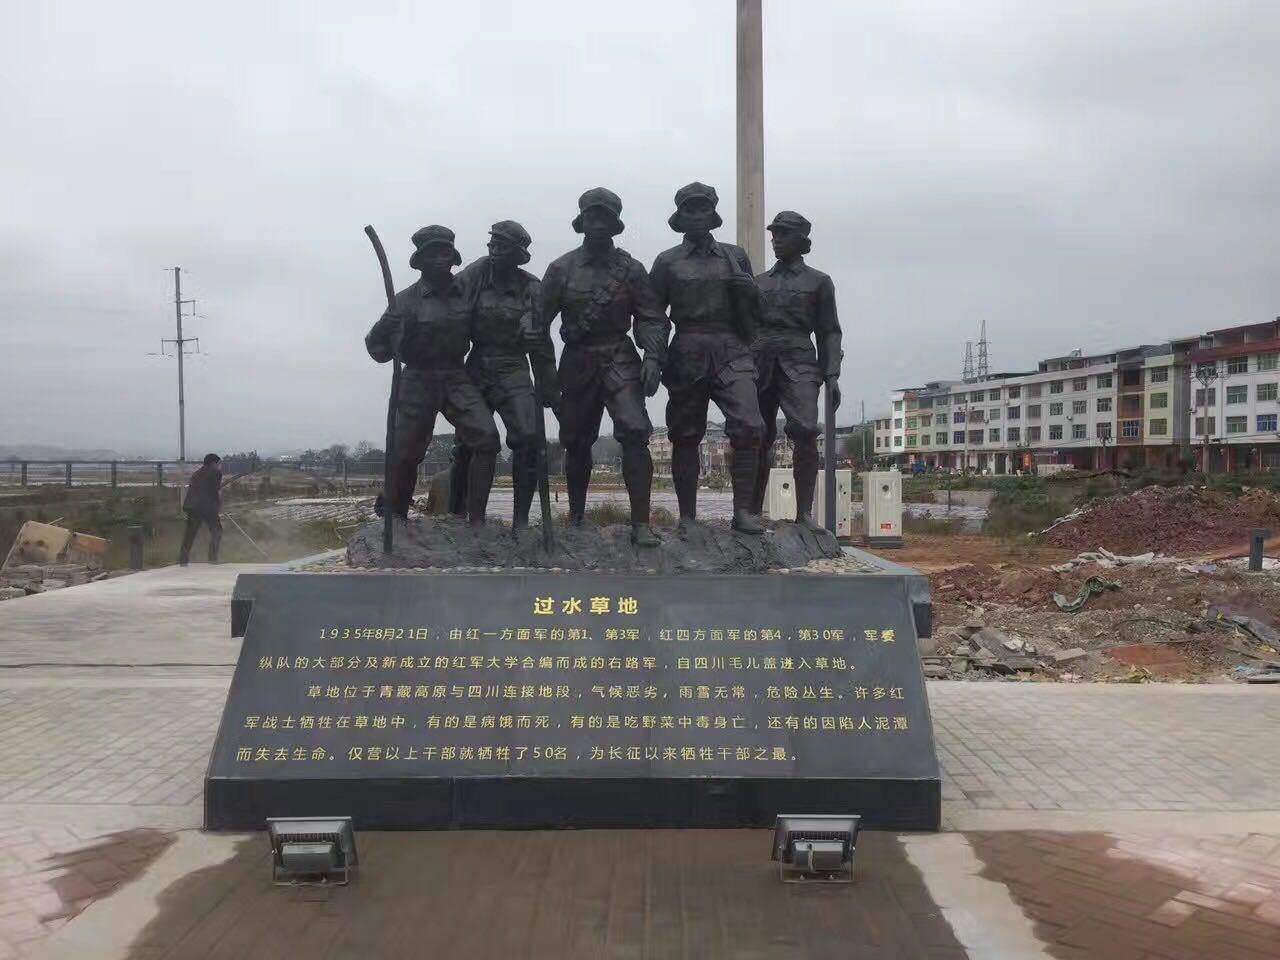 紅軍雕塑玻璃鋼戰爭雕塑6